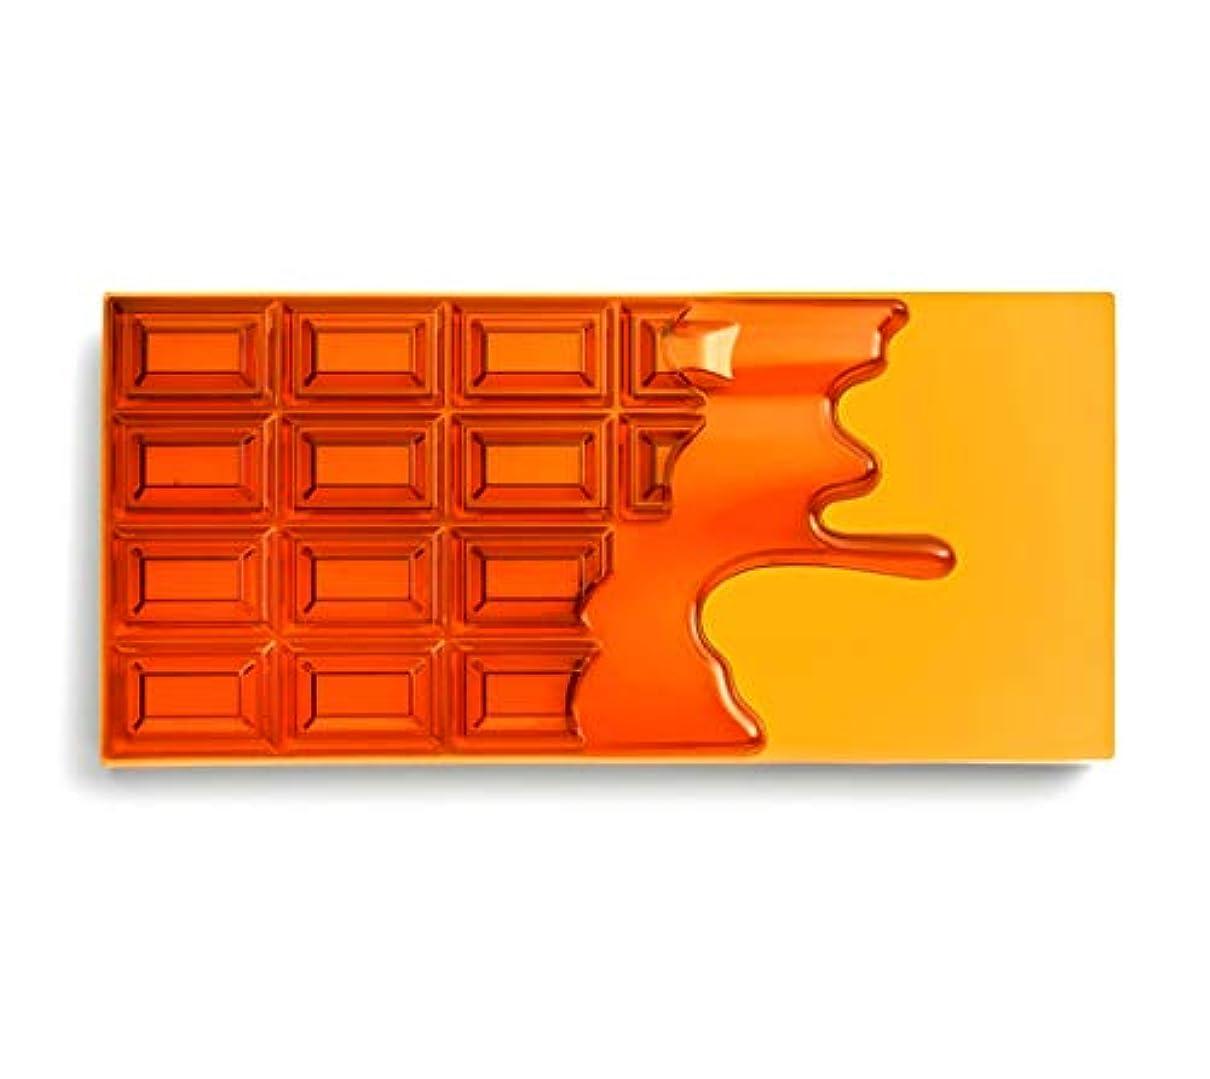 逆にコンピューターを使用するつぶすメイクアップレボリューション アイラブメイクアップ チョコレート型18色アイシャドウパレット #Honey Chocolate ハニーチョコレートパレット アイシャドウ